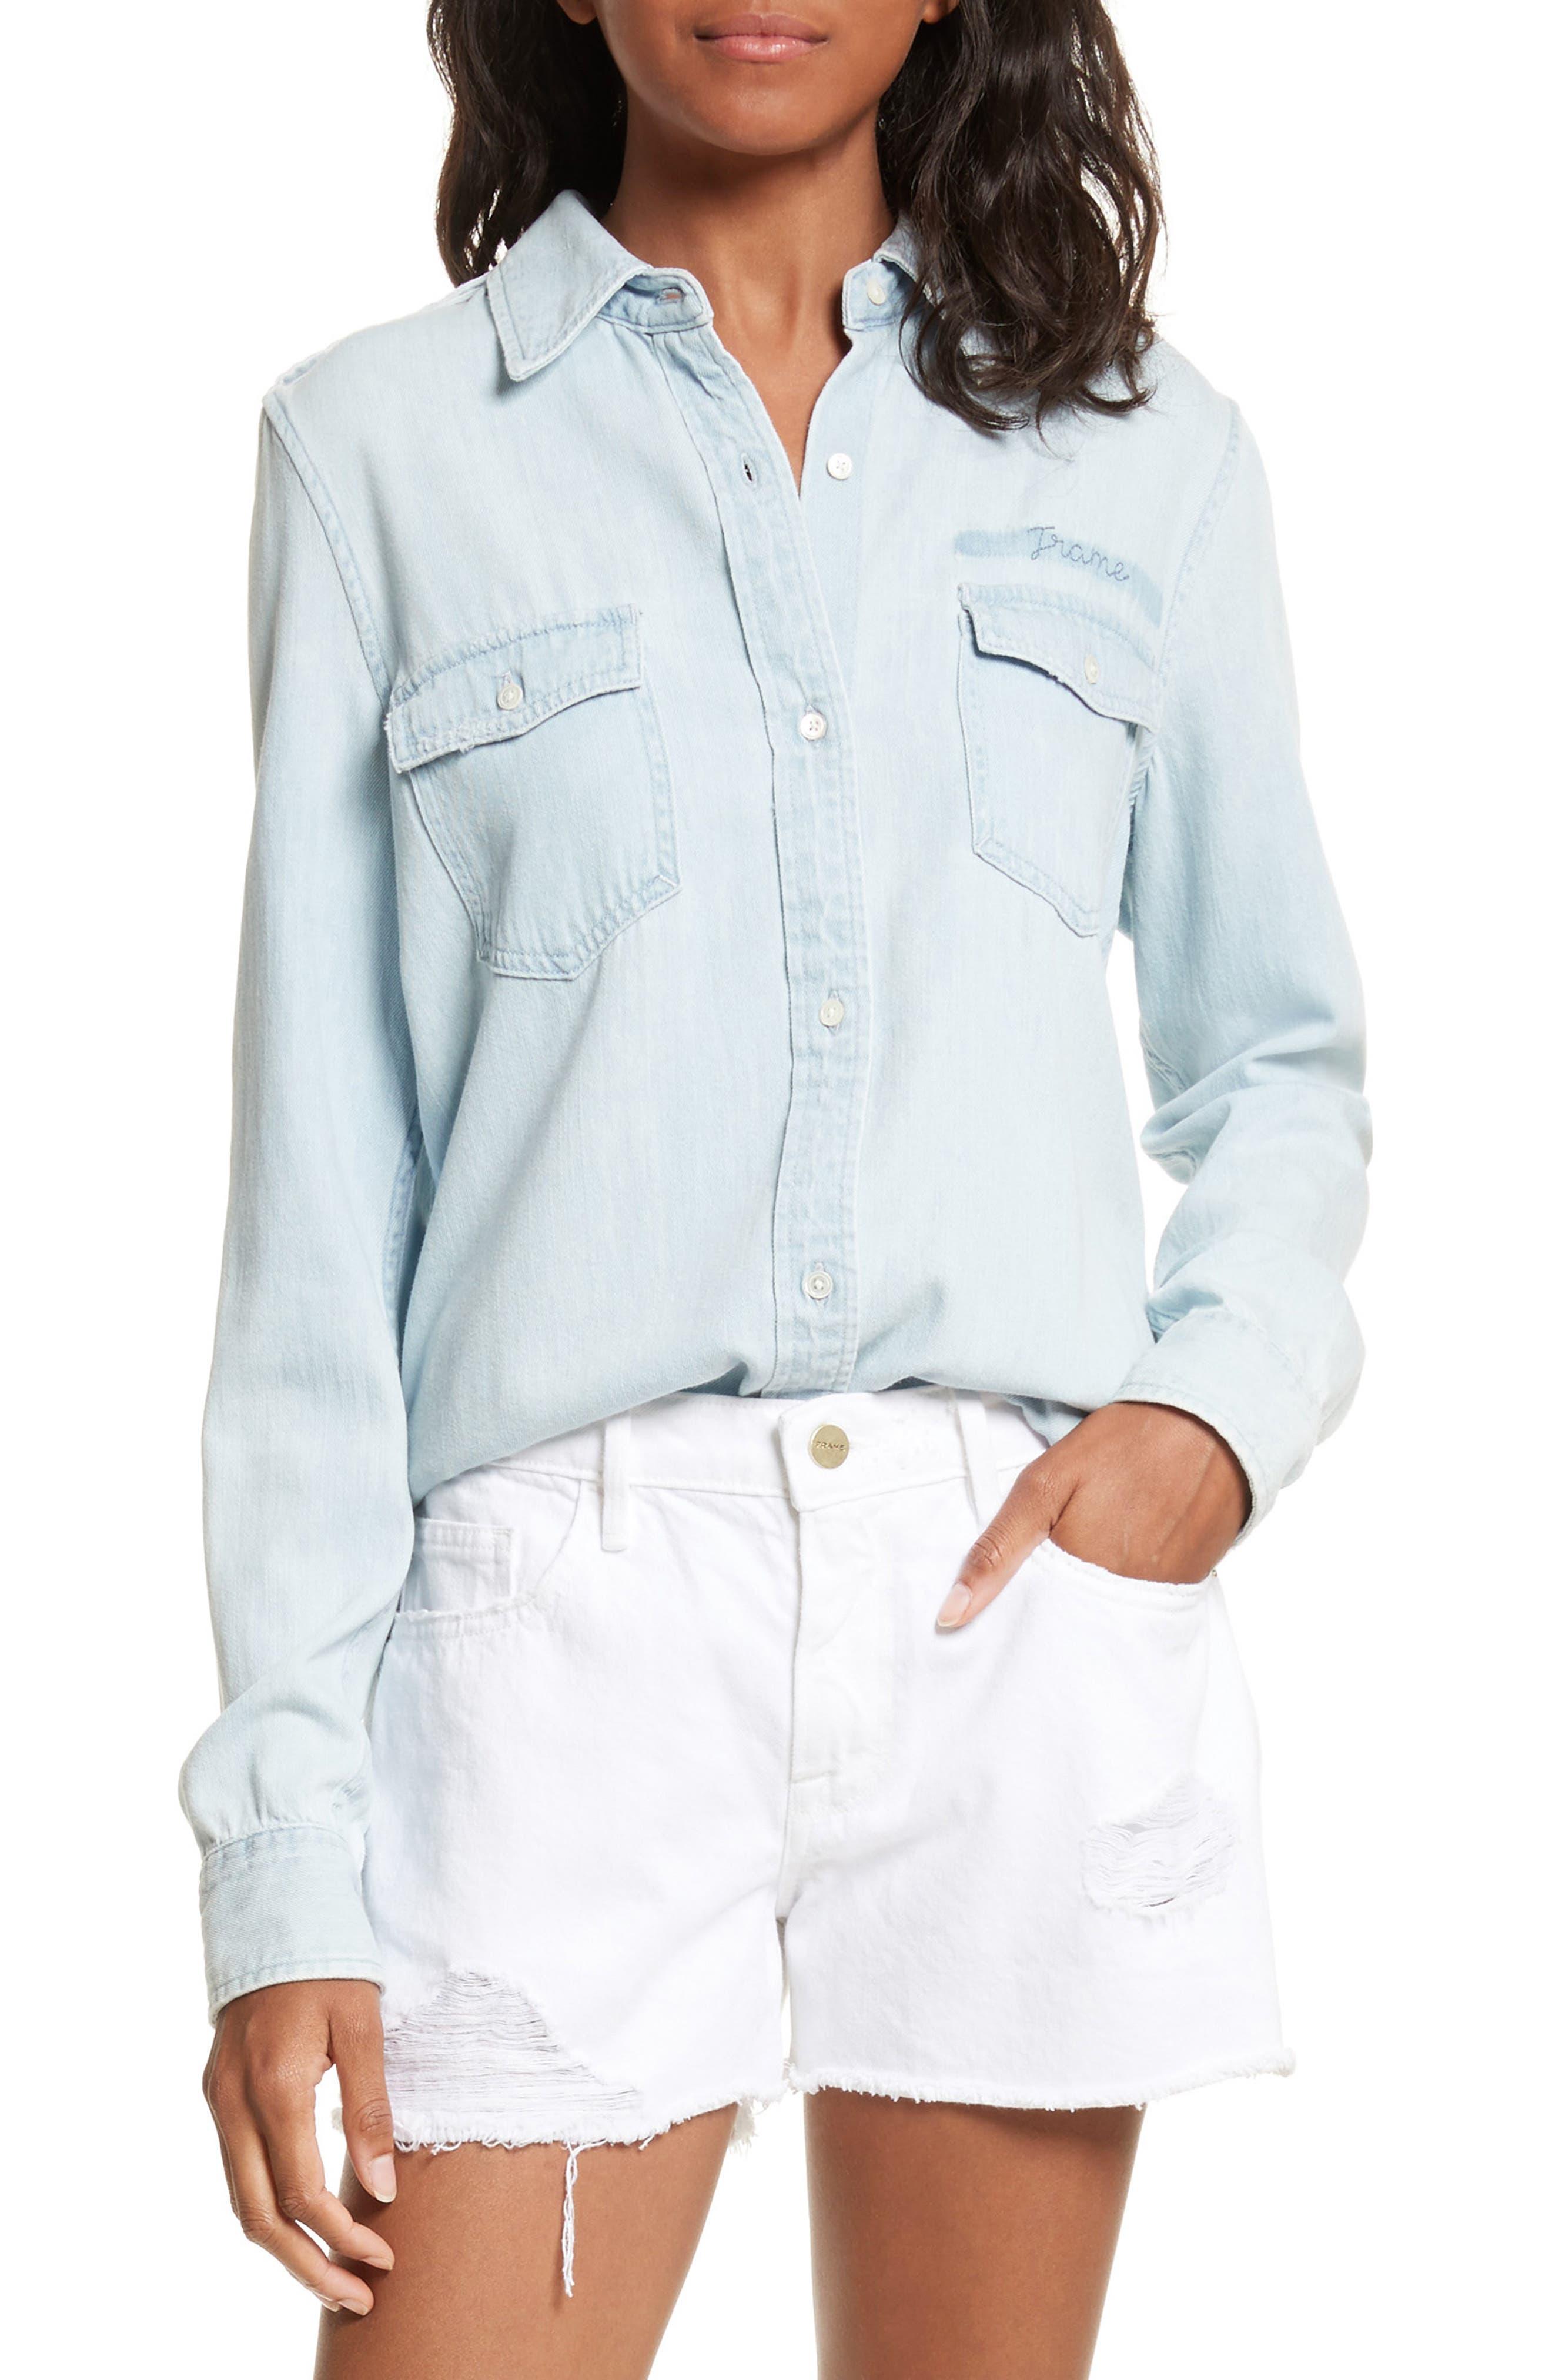 Main Image - FRAME Denim Military Shirt